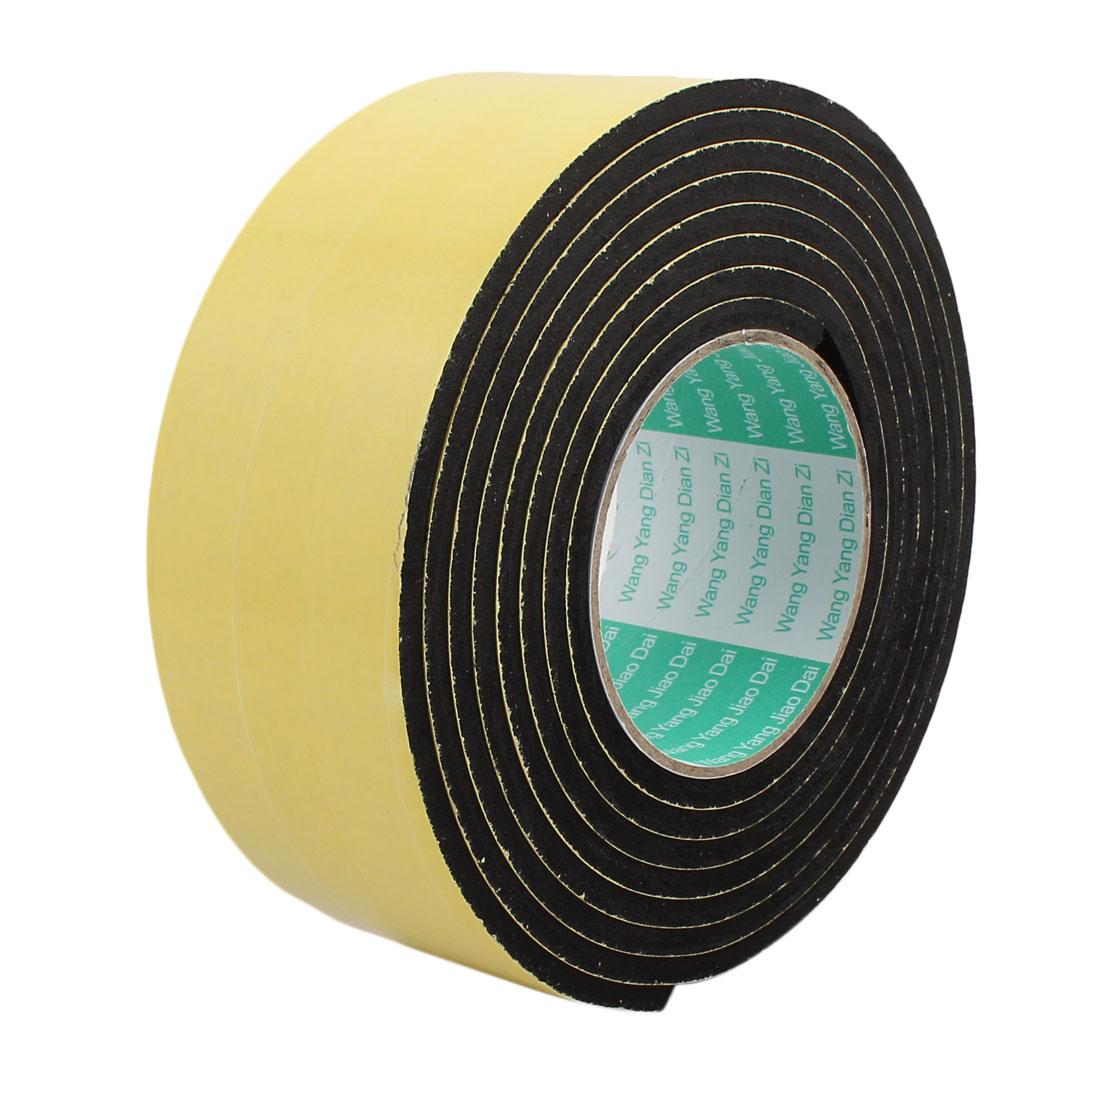 3Meter 60mm x 5mm Single-side Adhesive Shockproof Sponge Foam Tape Yellow Black